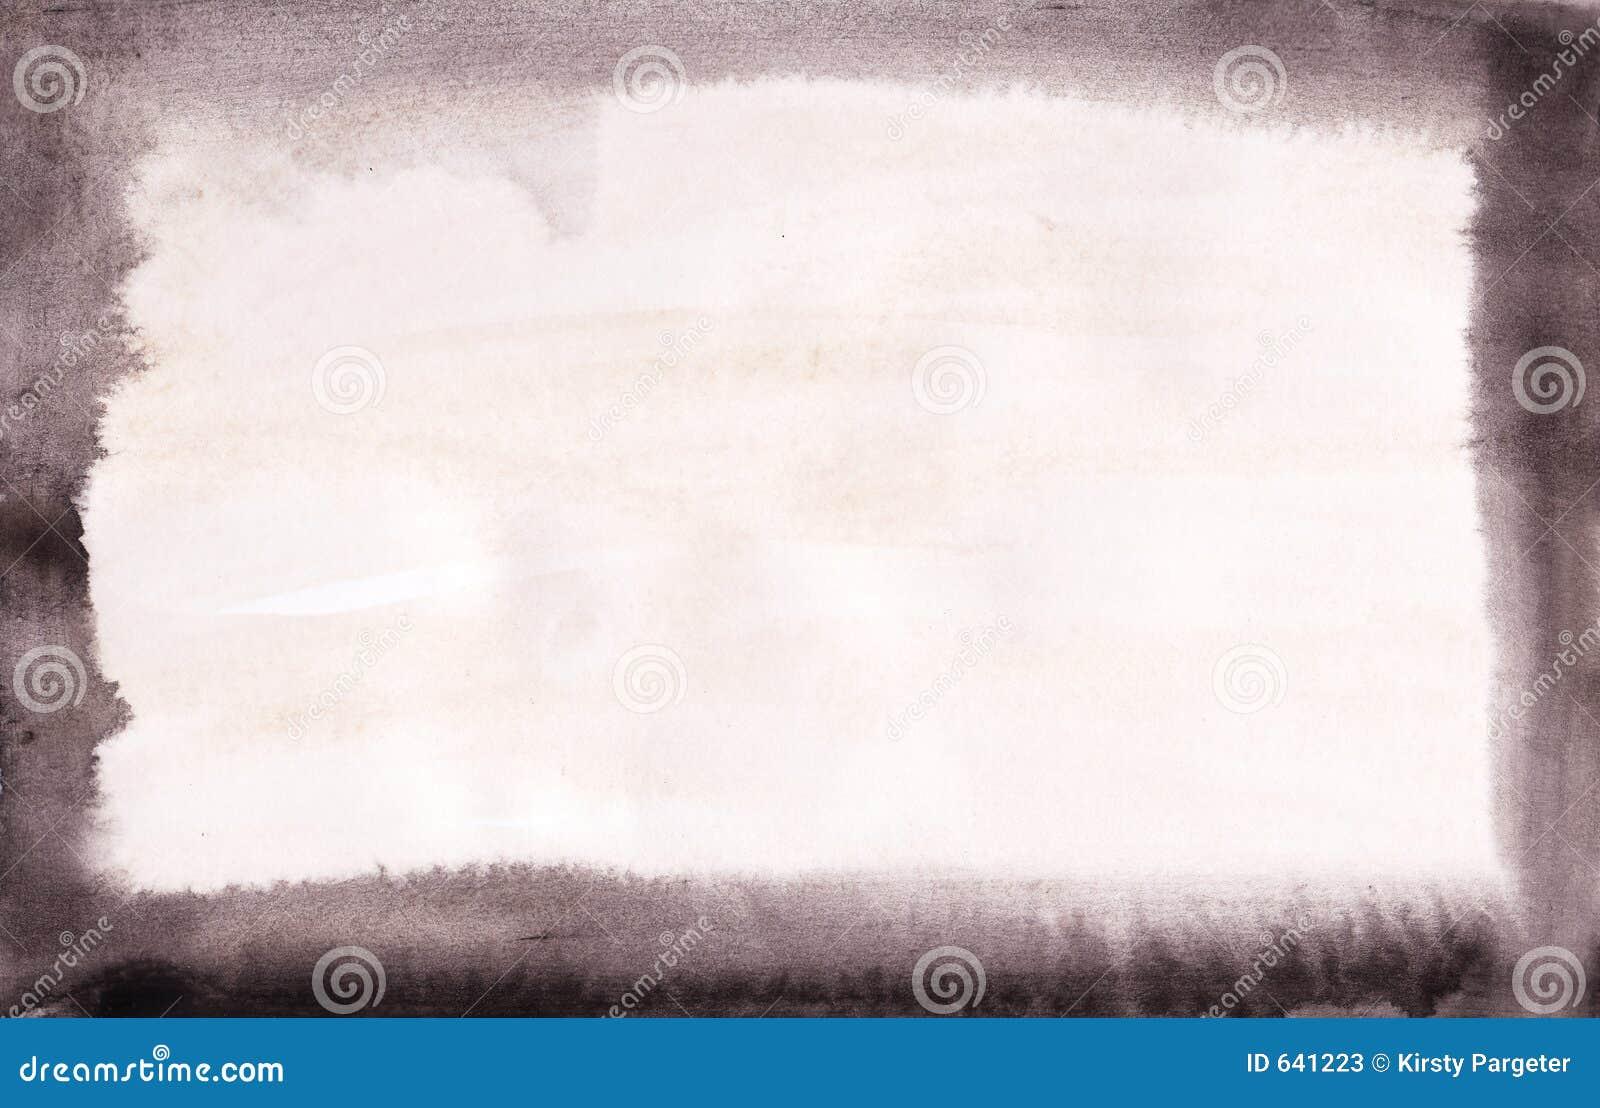 Download Grunge граници иллюстрация штока. иллюстрации насчитывающей backhoe - 641223